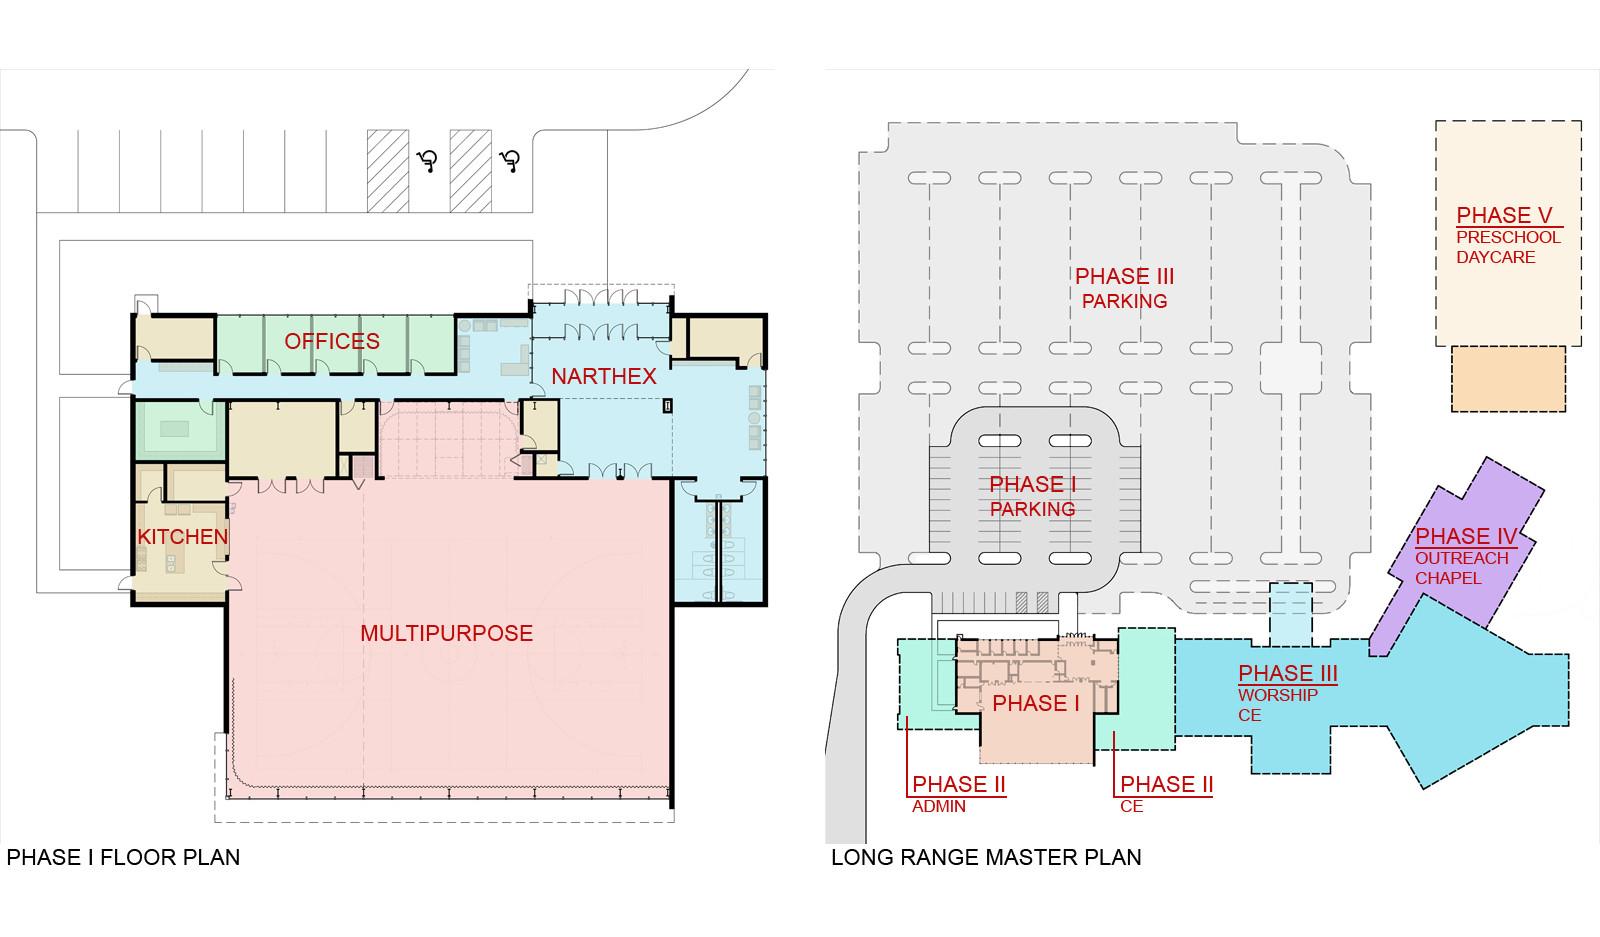 Floor Plan and Long Range Master Plan